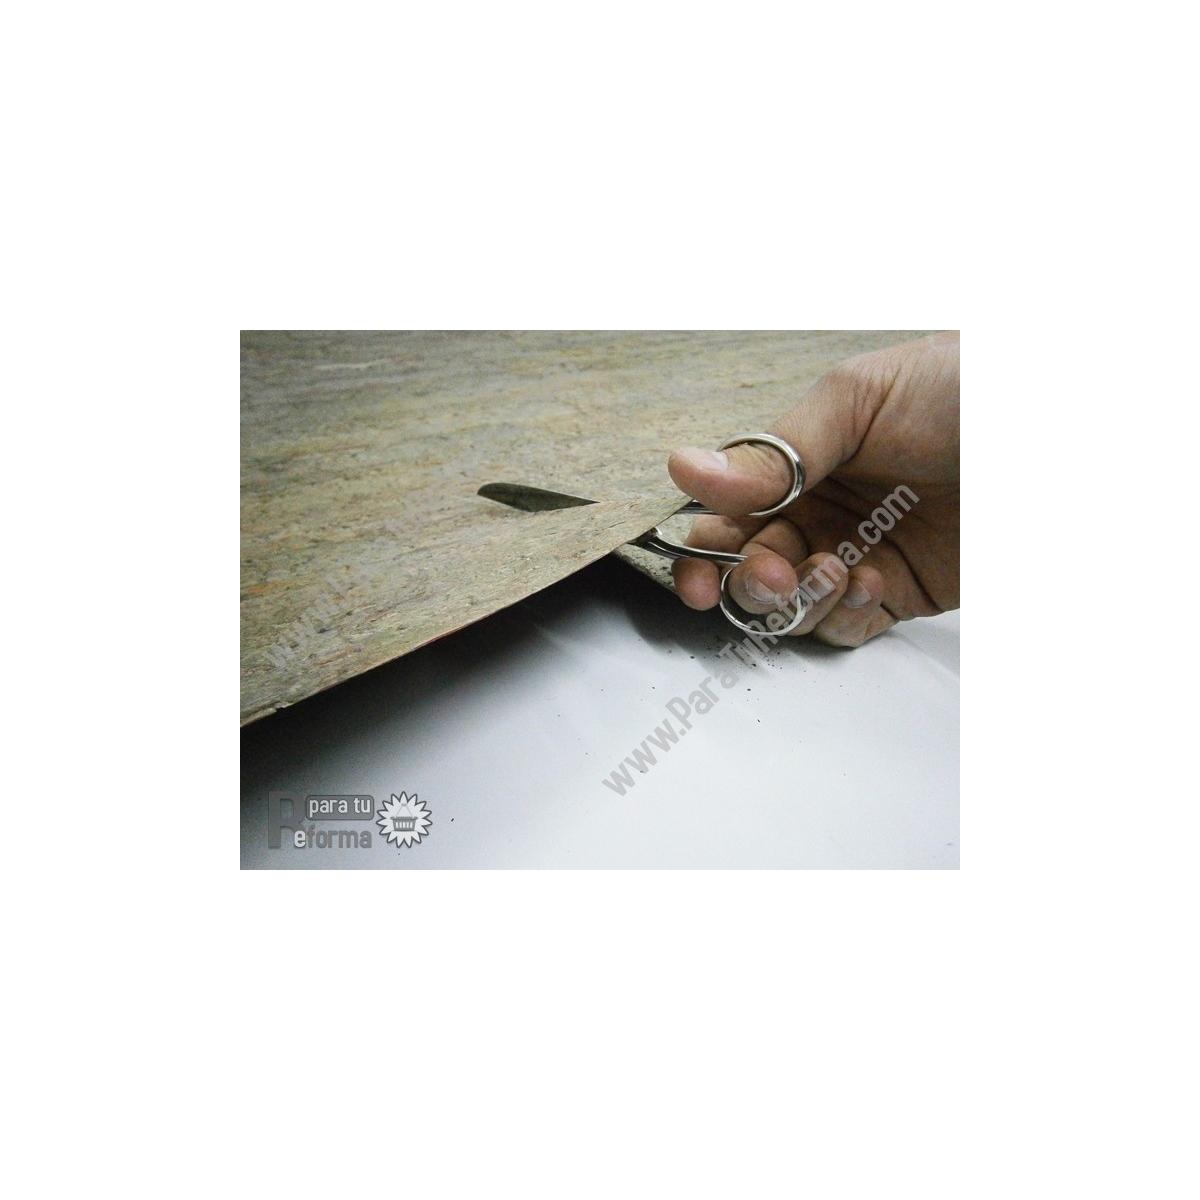 Pizarra natural flexible FS6005 / FT3005 (ud) Revestimiento con Pizarra natural flexible 0